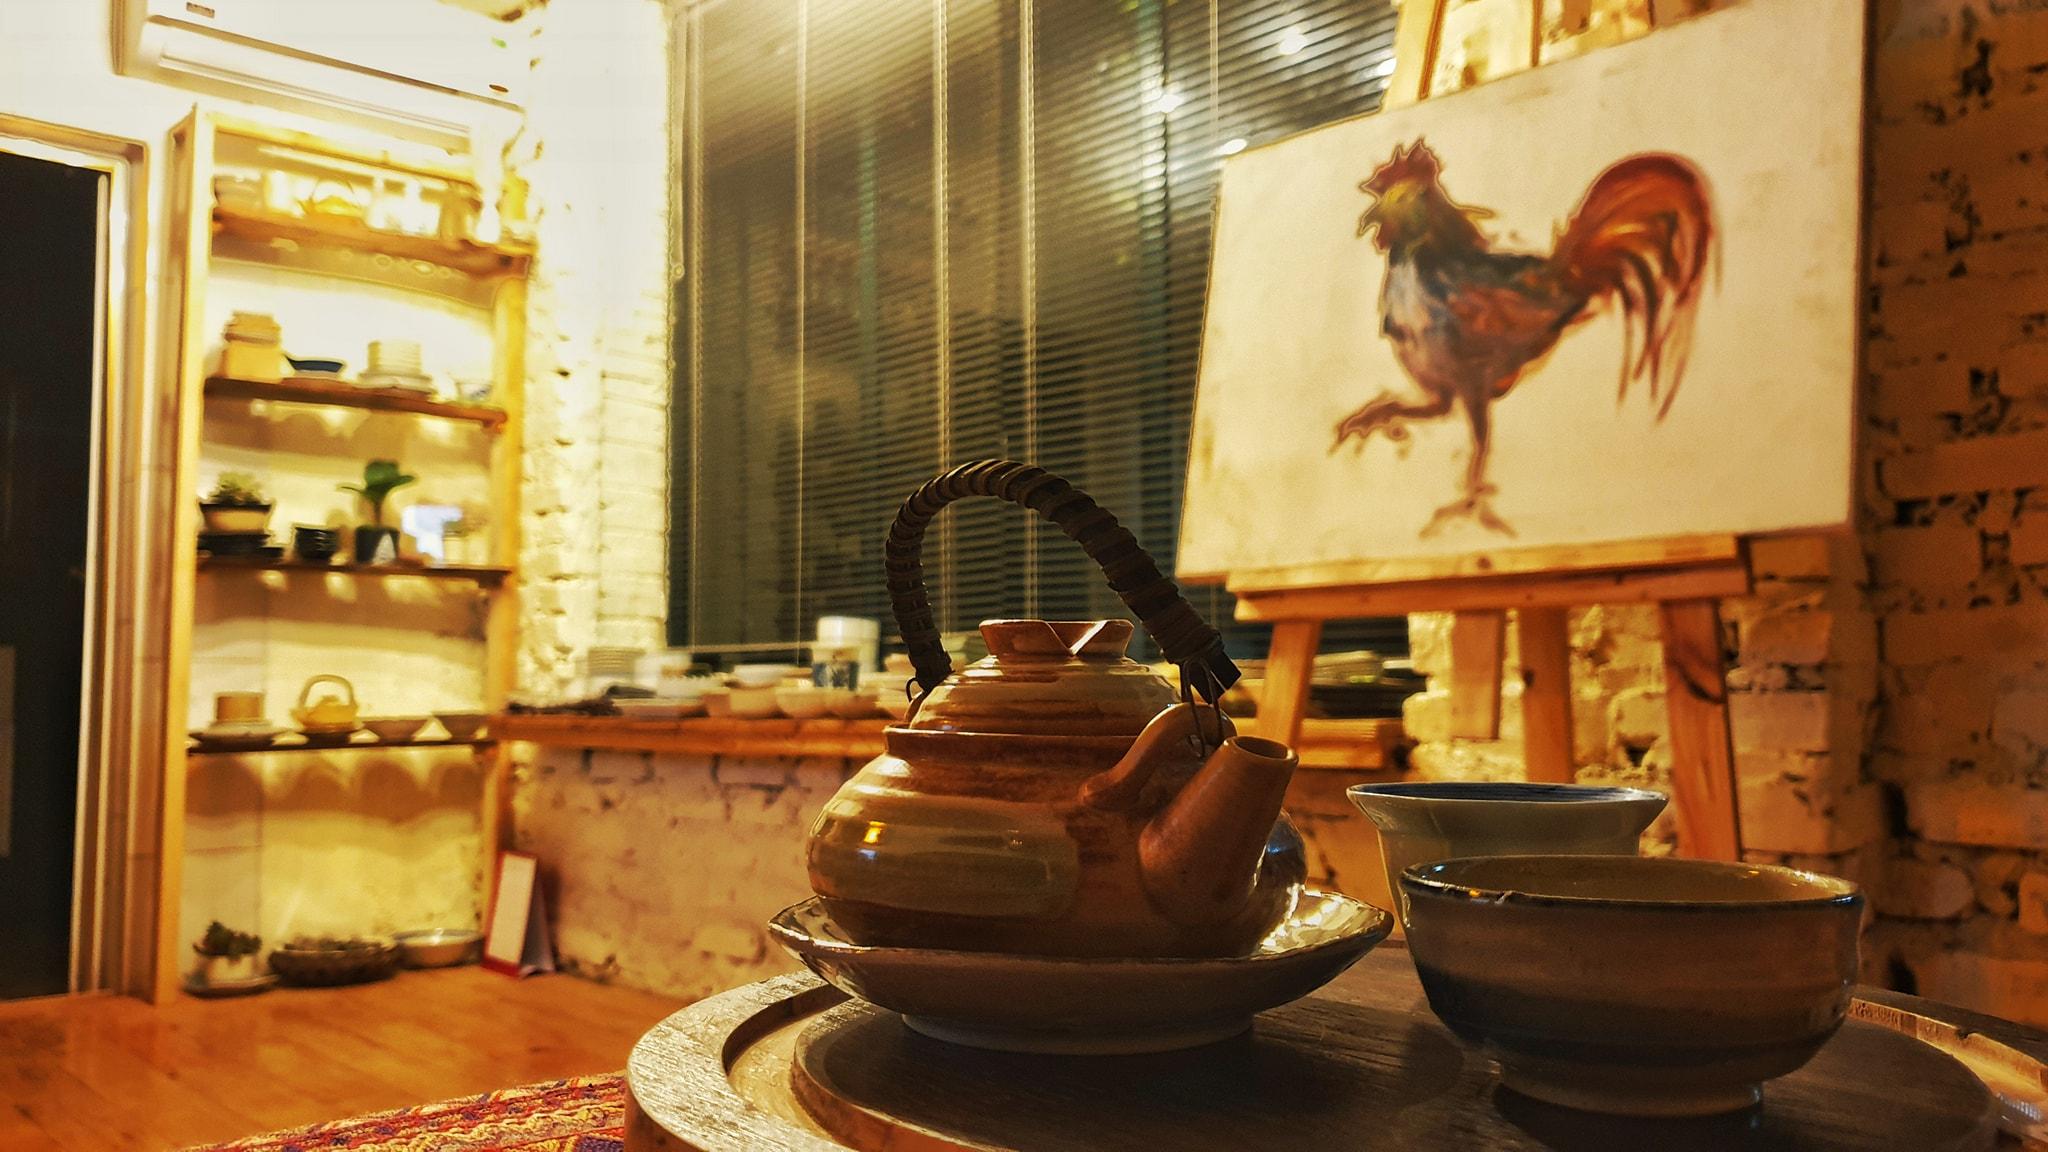 Chàng trai miền Trung biến nhà kho cũ thành ngôi nhà hạnh phúc đẹp lãng mạn cho hai vợ chồng - Ảnh 16.